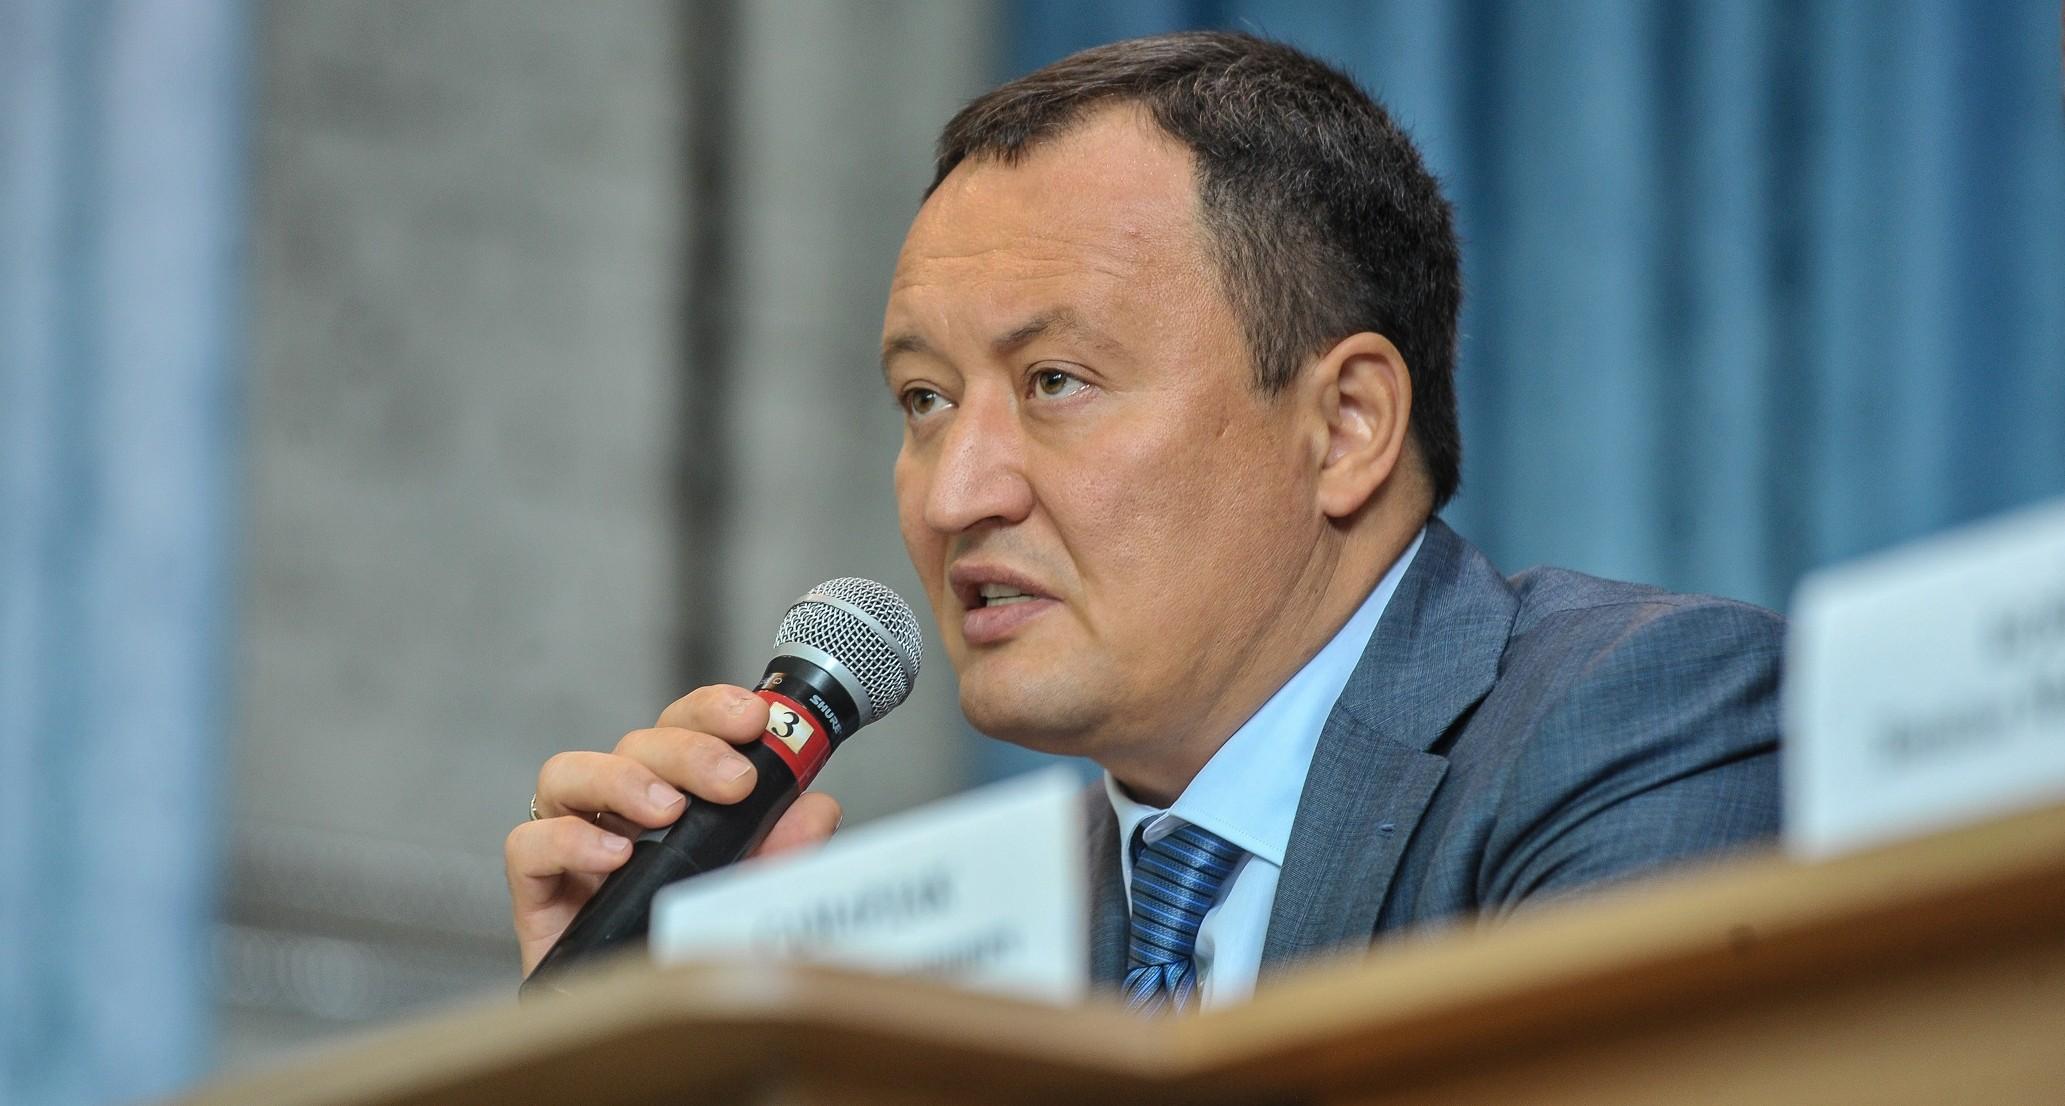 «Я офицер и привык выполнять приказы»: Константин Брыль заявил, что не намерен оставлять губернаторское кресло